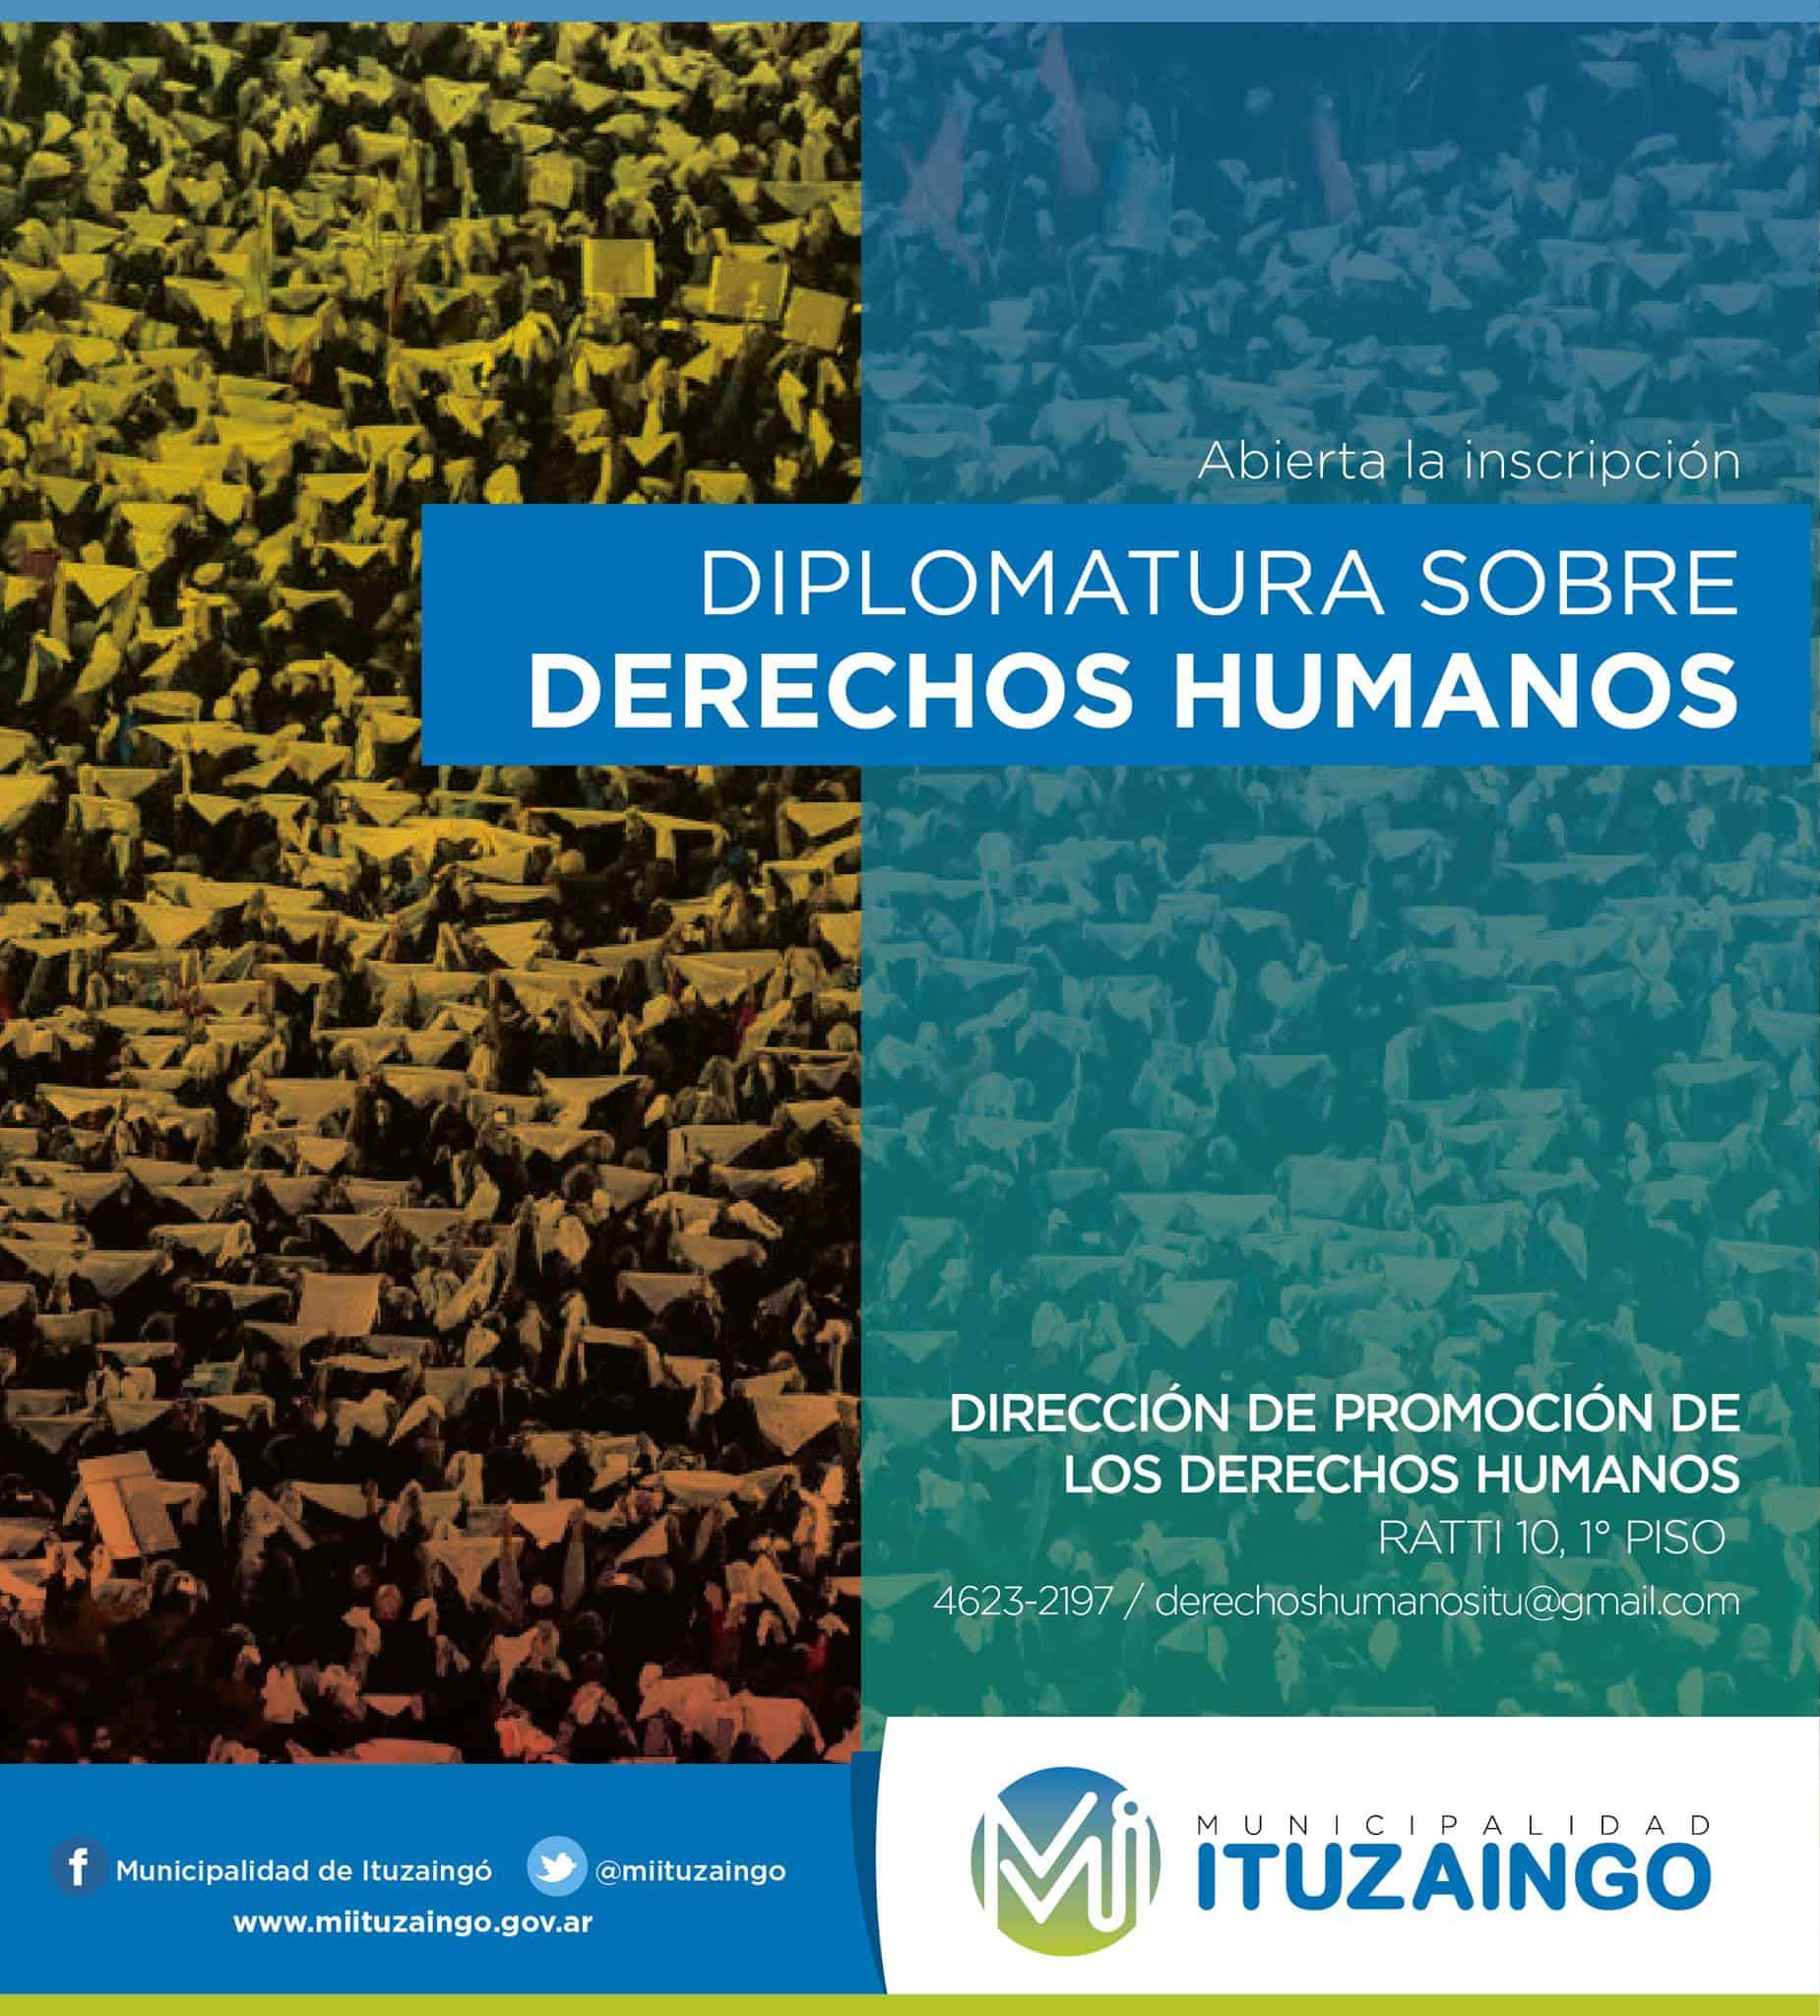 Hoy abre la inscripción para la Diplomatura sobre DDHH 3